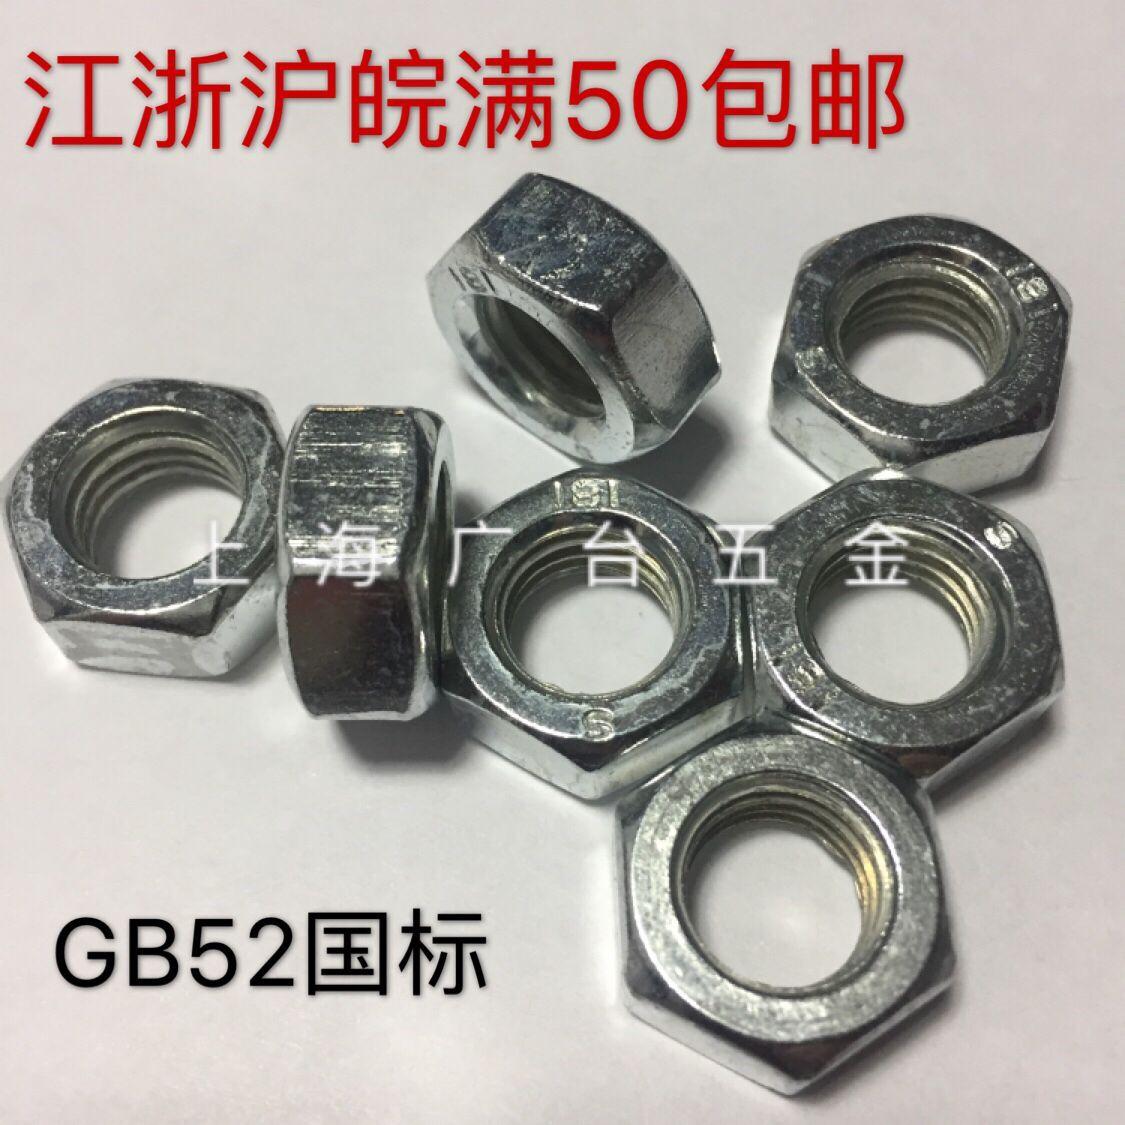 国标4.8级镀锌螺母/六角螺帽M2M2.5M3M4M5M6M8M10M12M14-M36